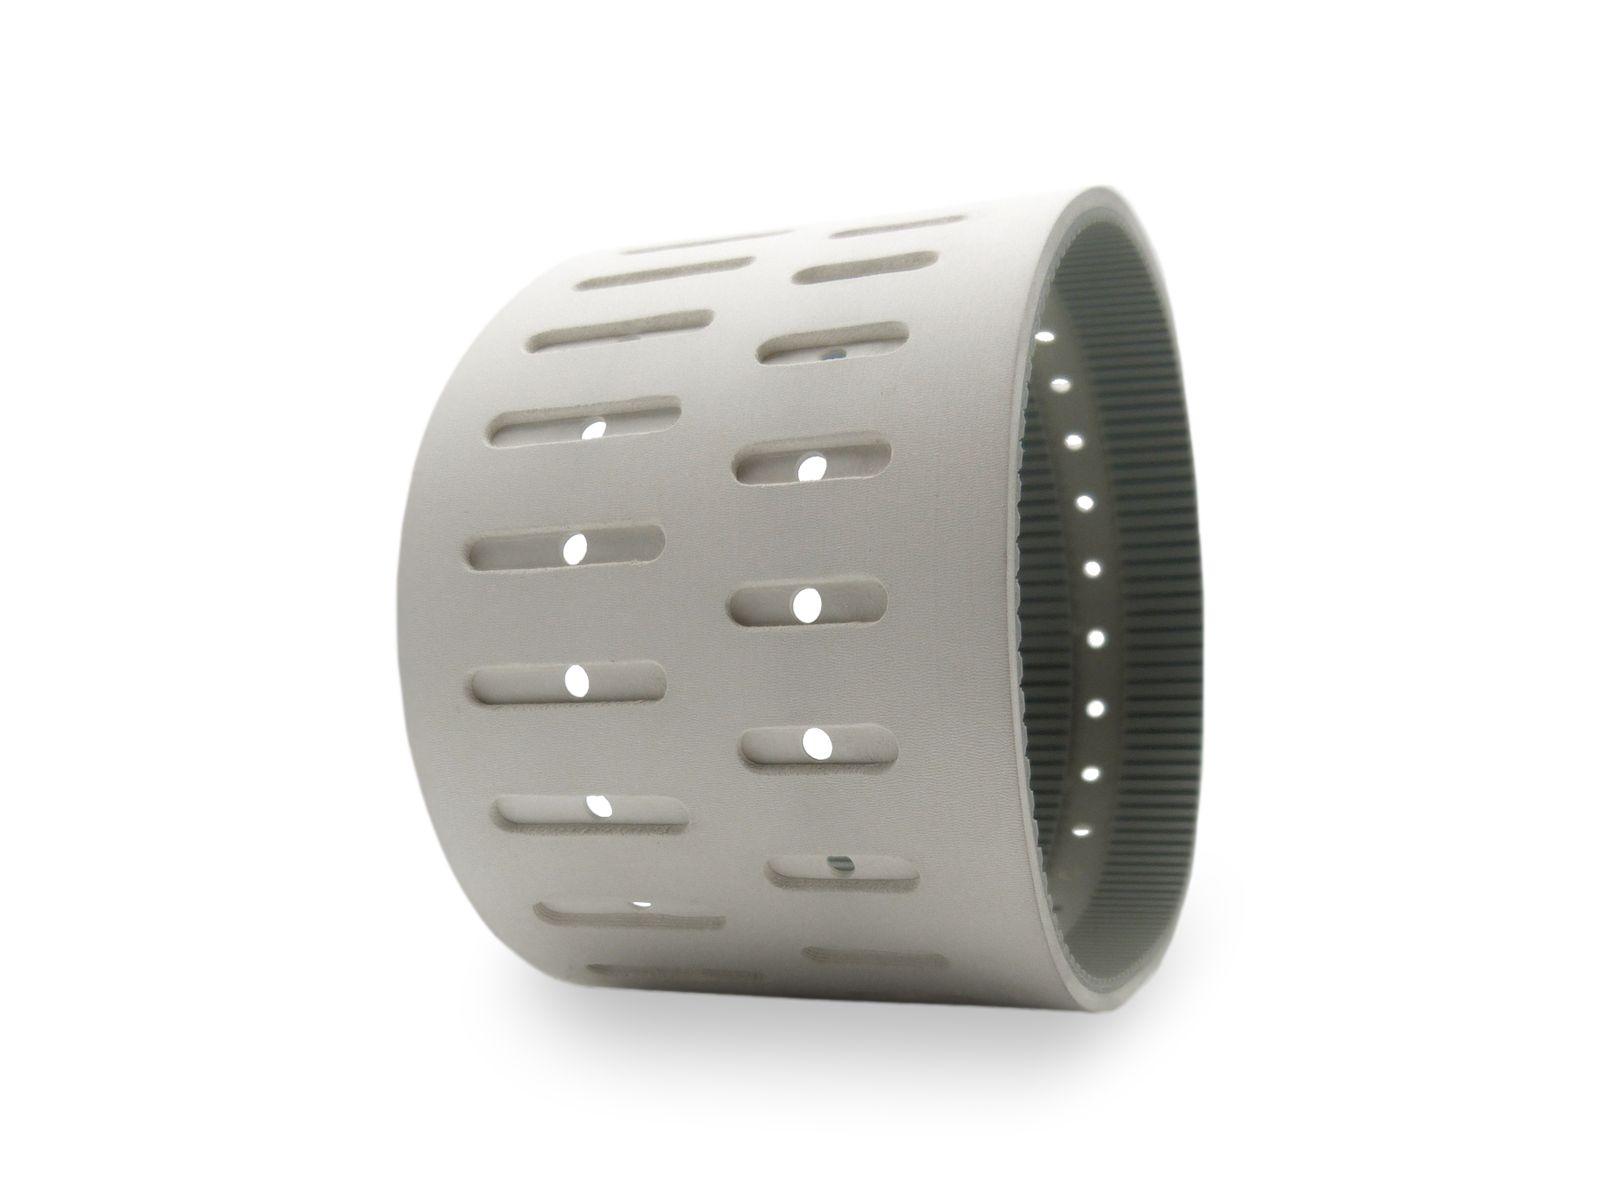 Cinghia con rivestimento gomma FDA 60 sh. con lavorazioni per vacuum